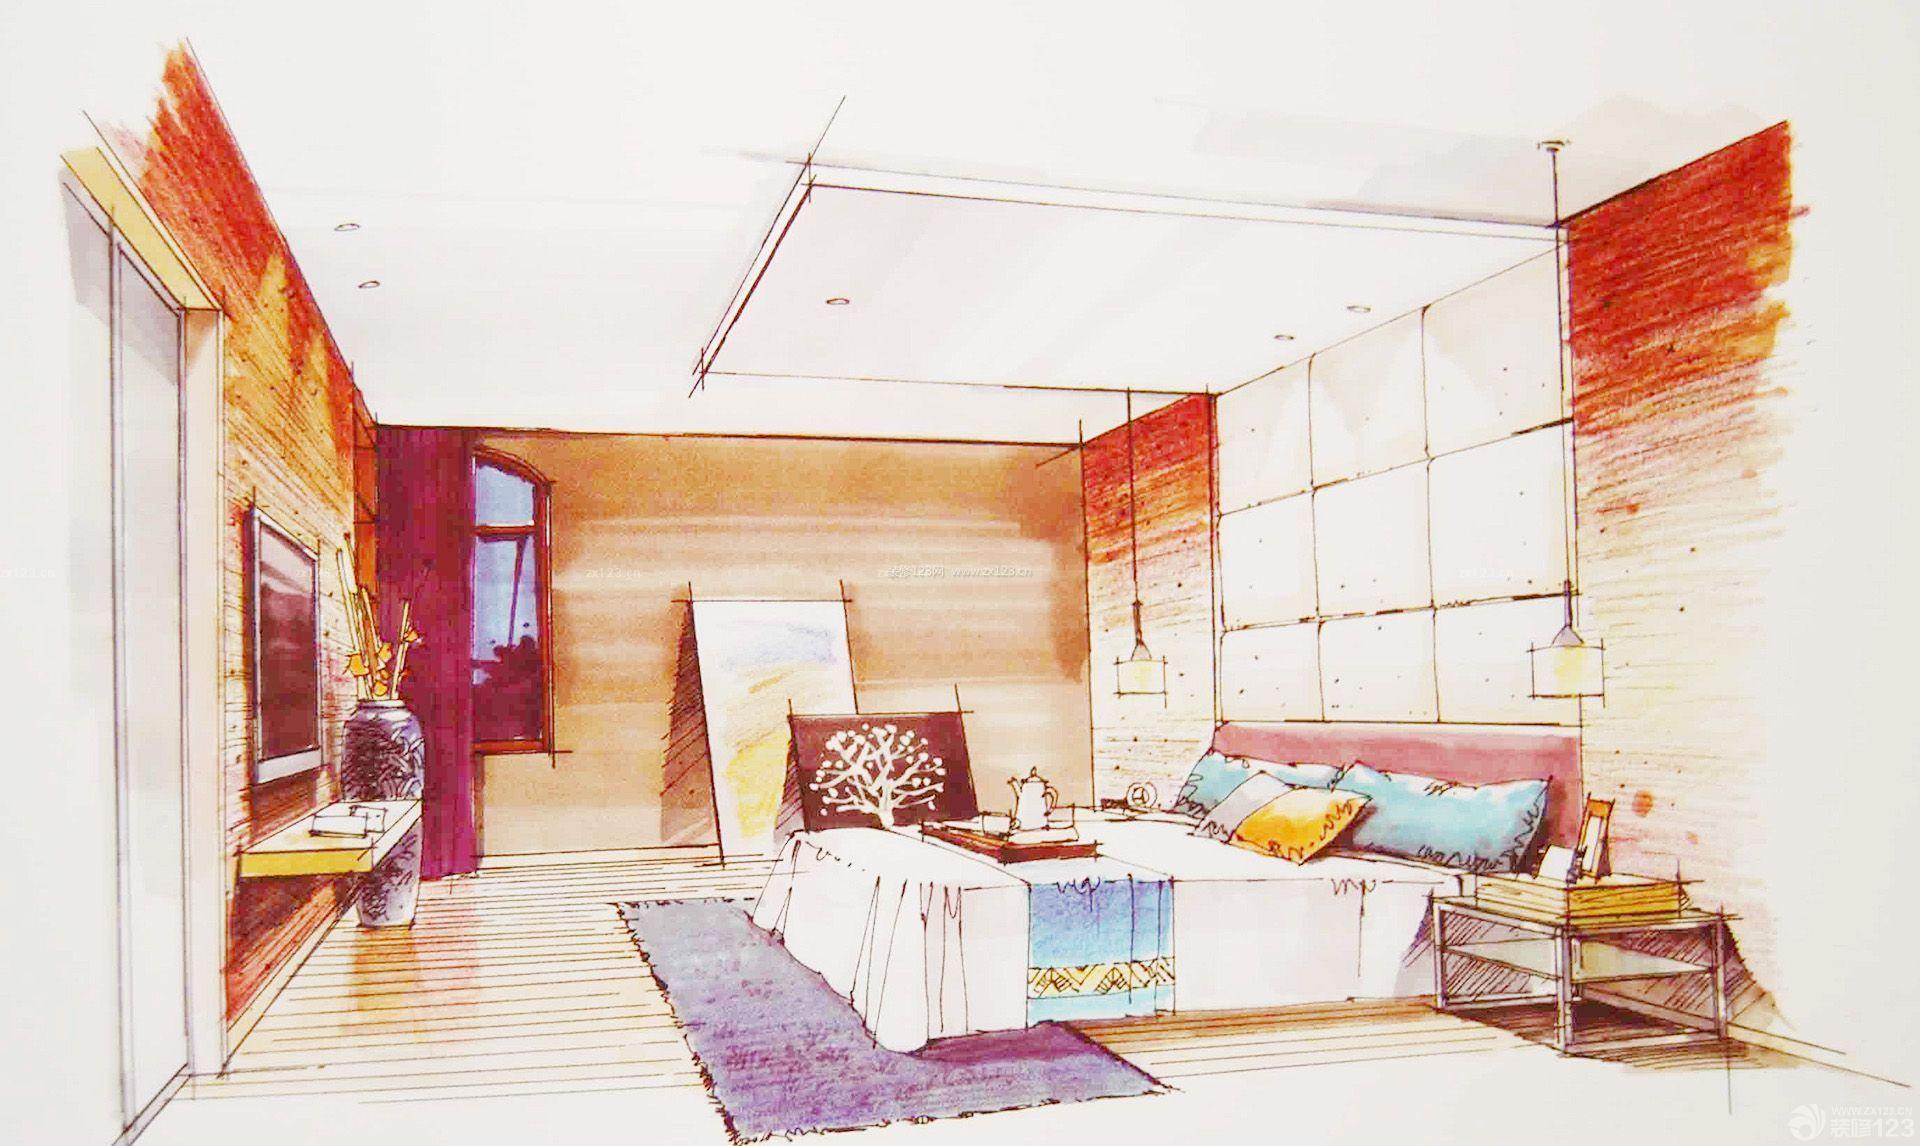 室内卧室设计手绘效果图大全2015